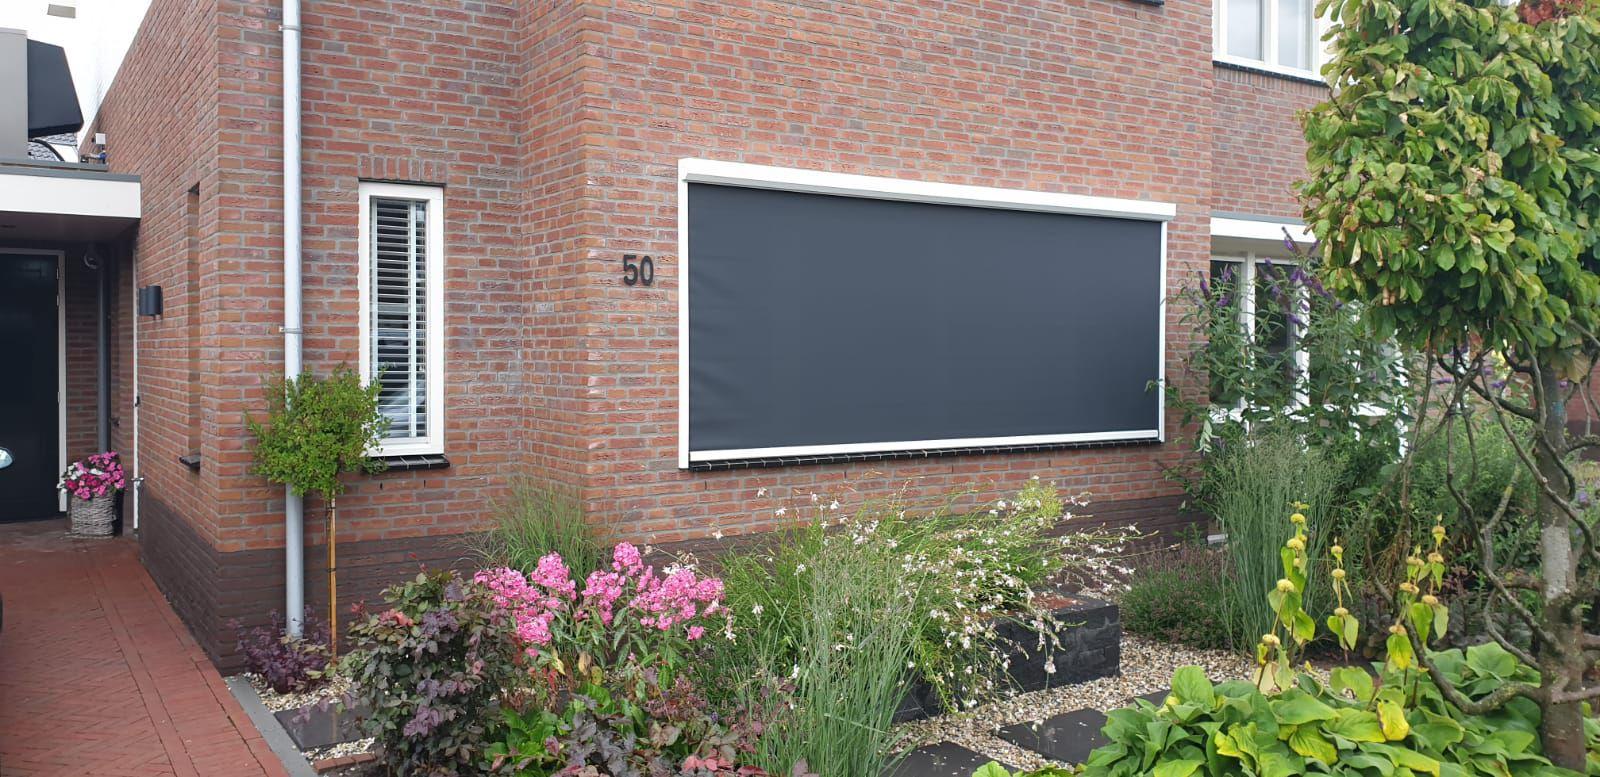 Op maat gemaakte screens | J. Meijering Montage uit Opheusden!